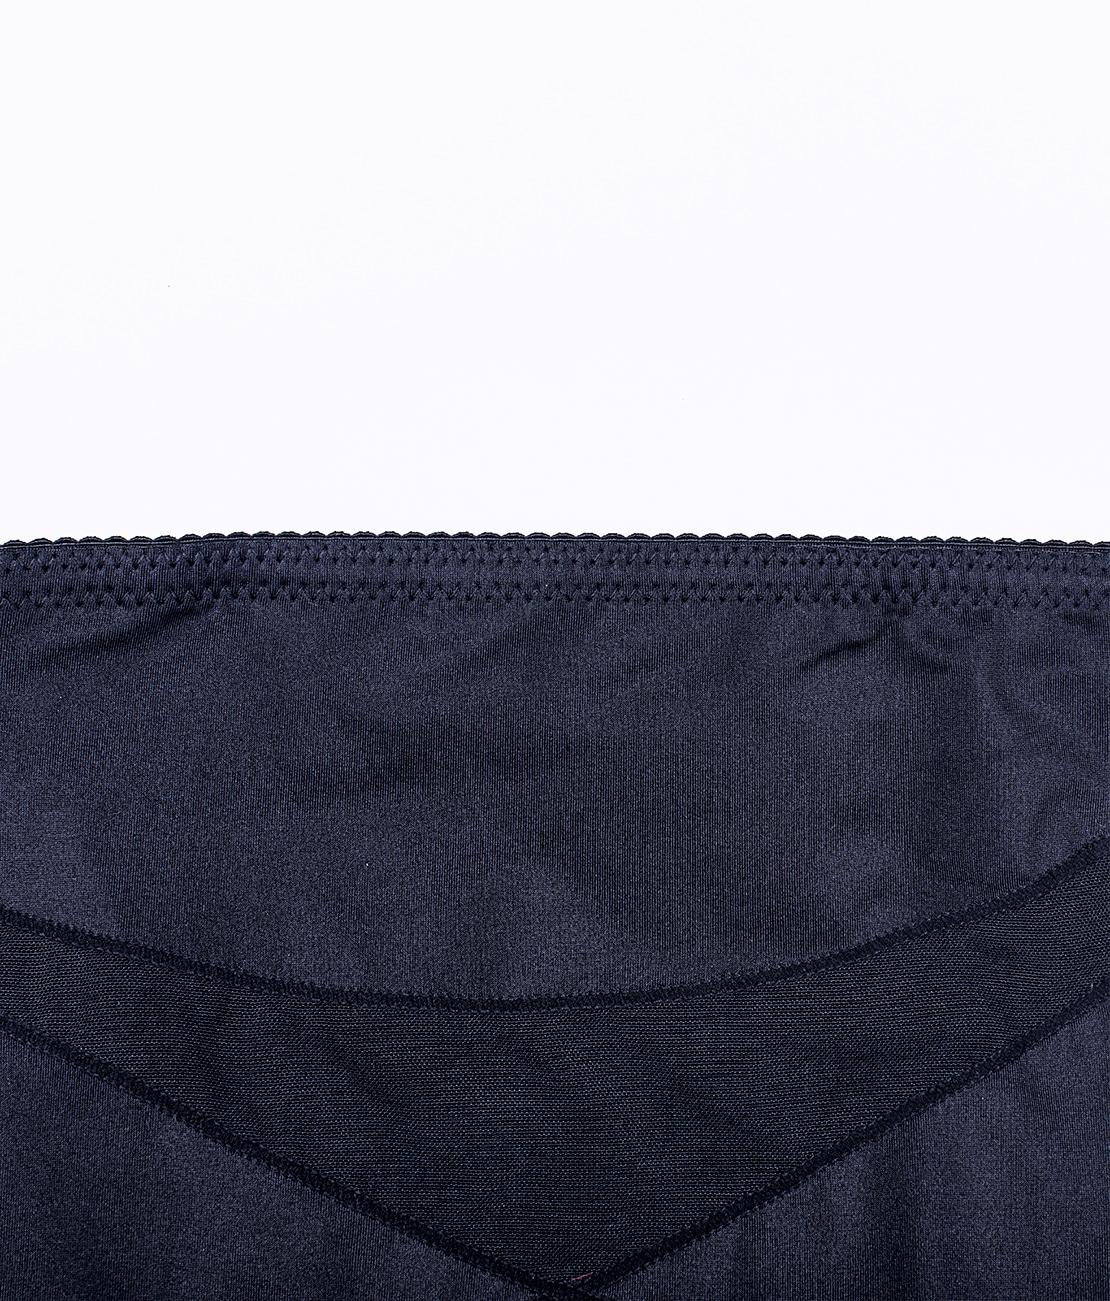 Gaine Ventre Plat Invisible Noire Packshot Detail 2